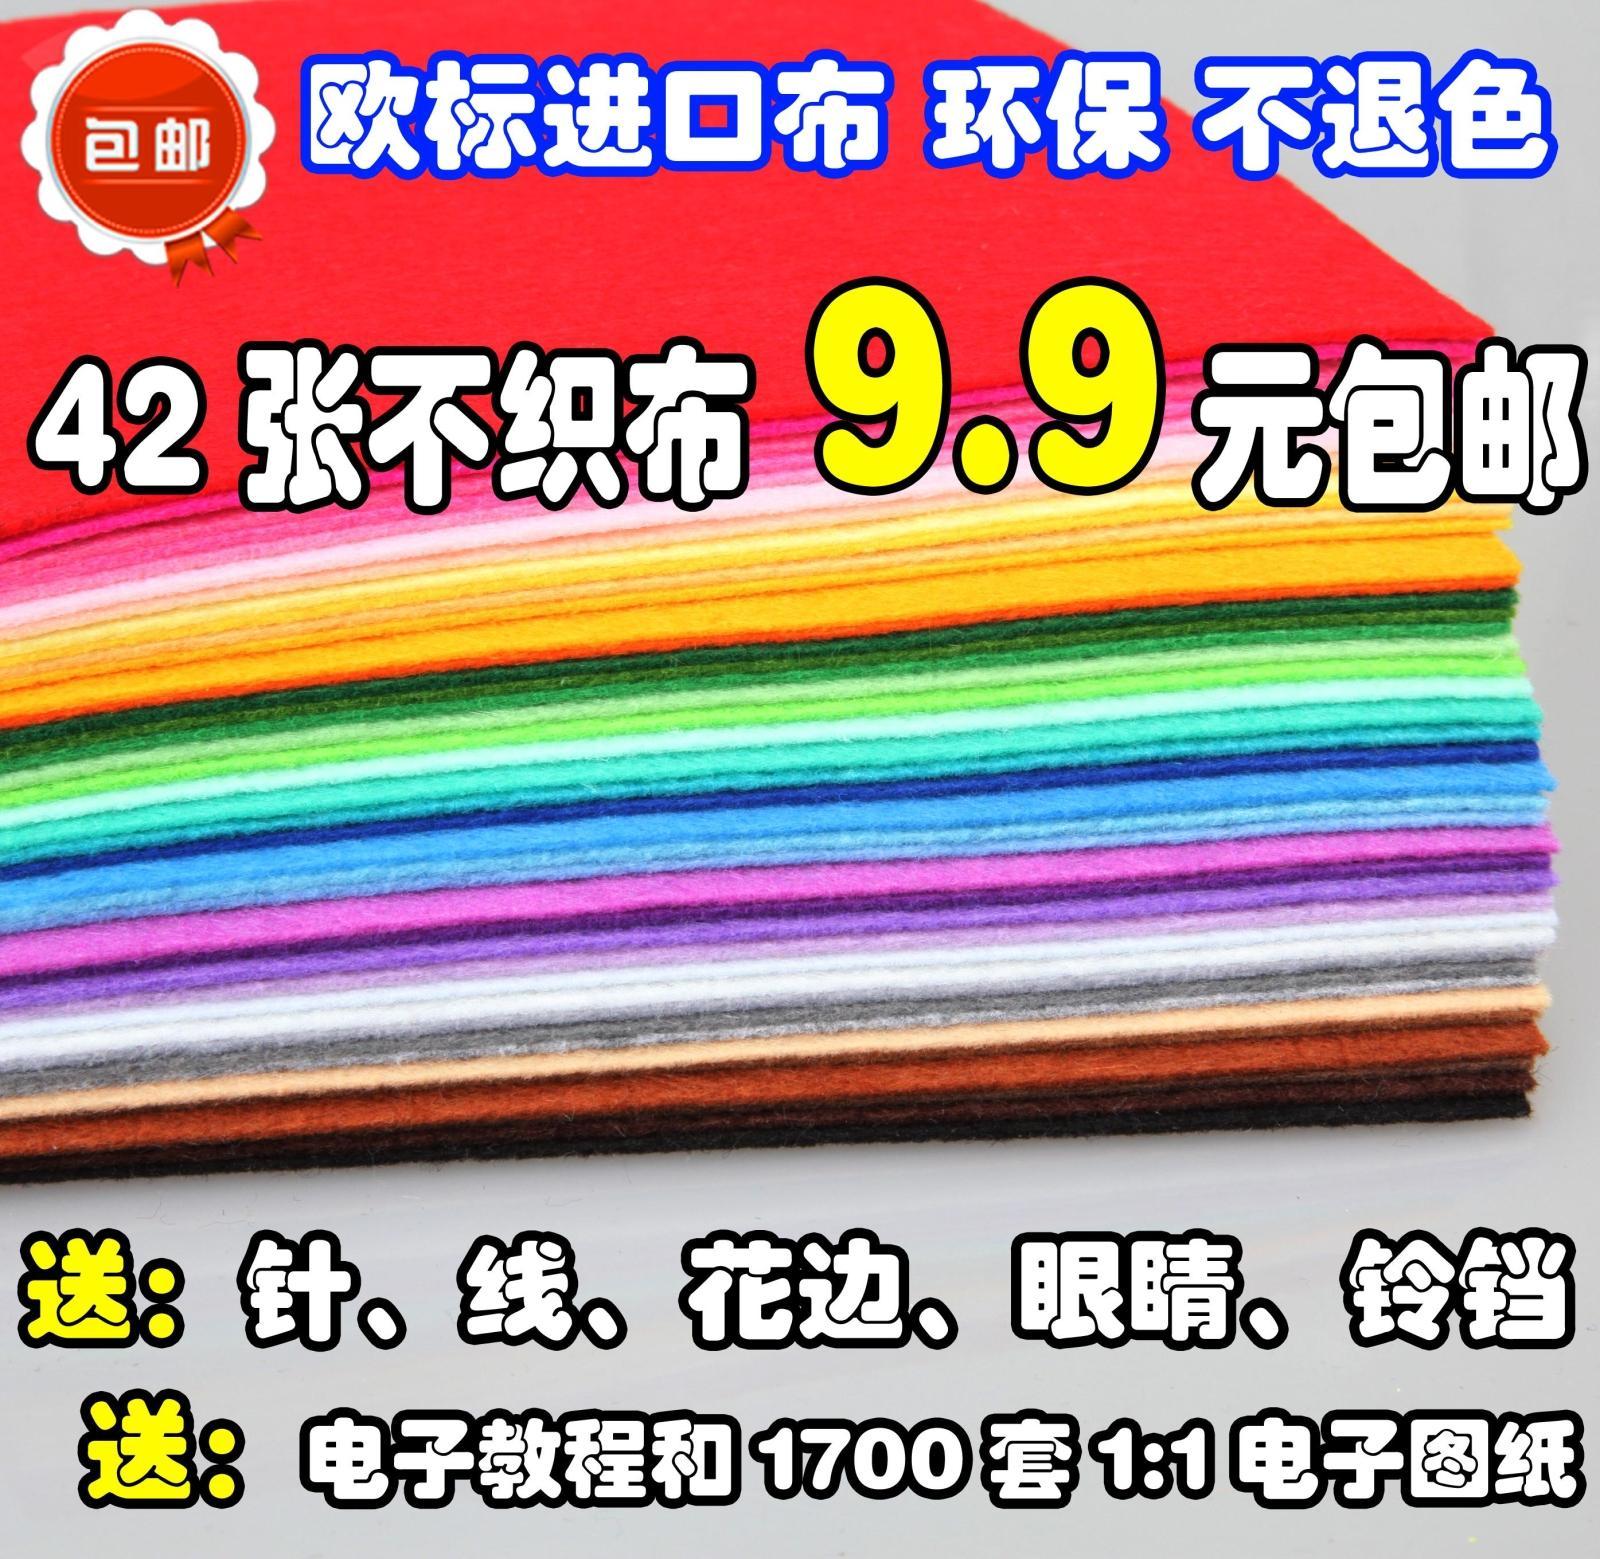 Детский сад 43 цвета импорта не DIY ткани ручной работы оптом, комплект одеяла из посылки почты